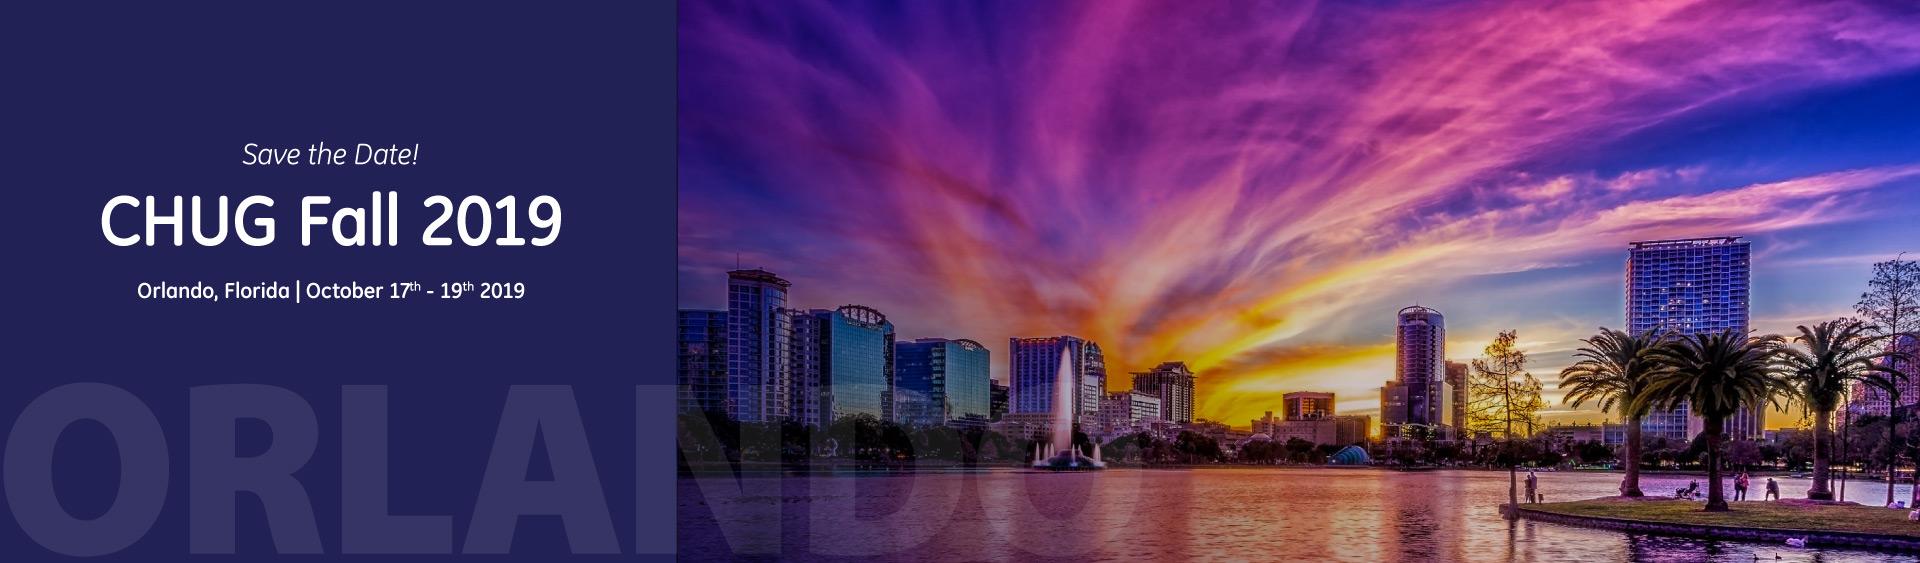 CHUG Fall 2019 Orlando